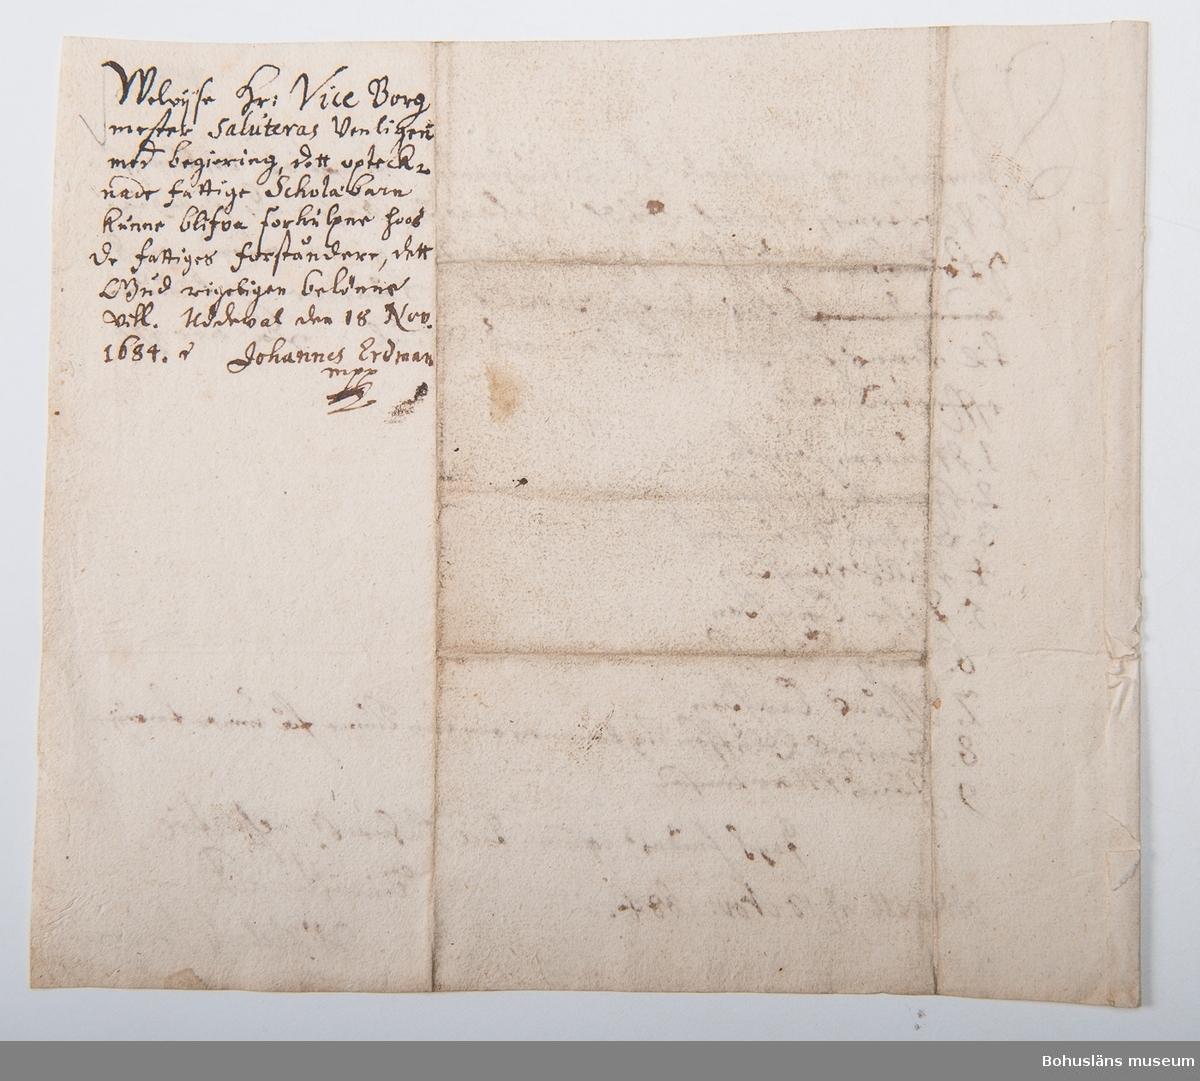 Skrivelse ang. utanordning av kläder till fattiga skolbarn i Uddevalla 18 november 1684.